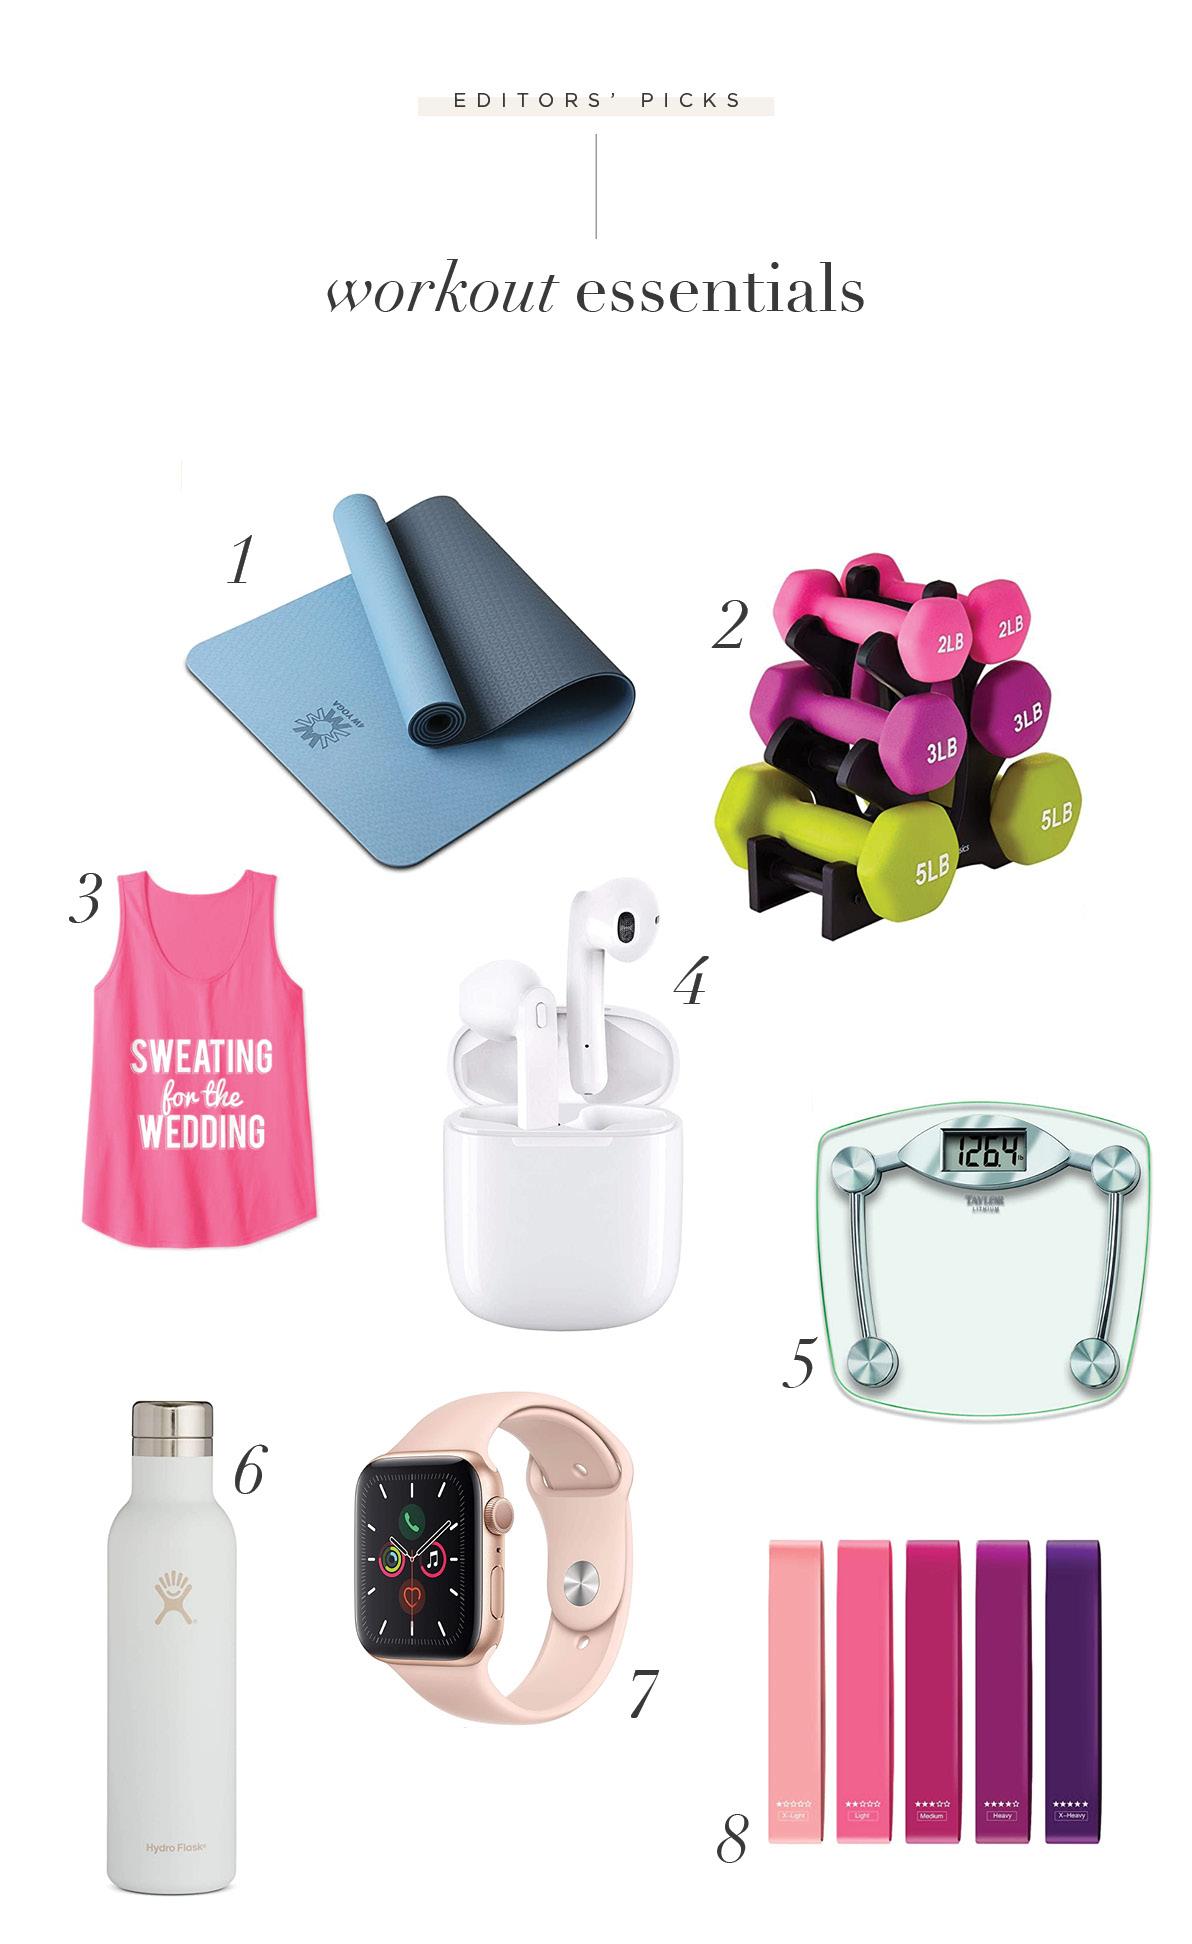 pre-wedding workout essentials